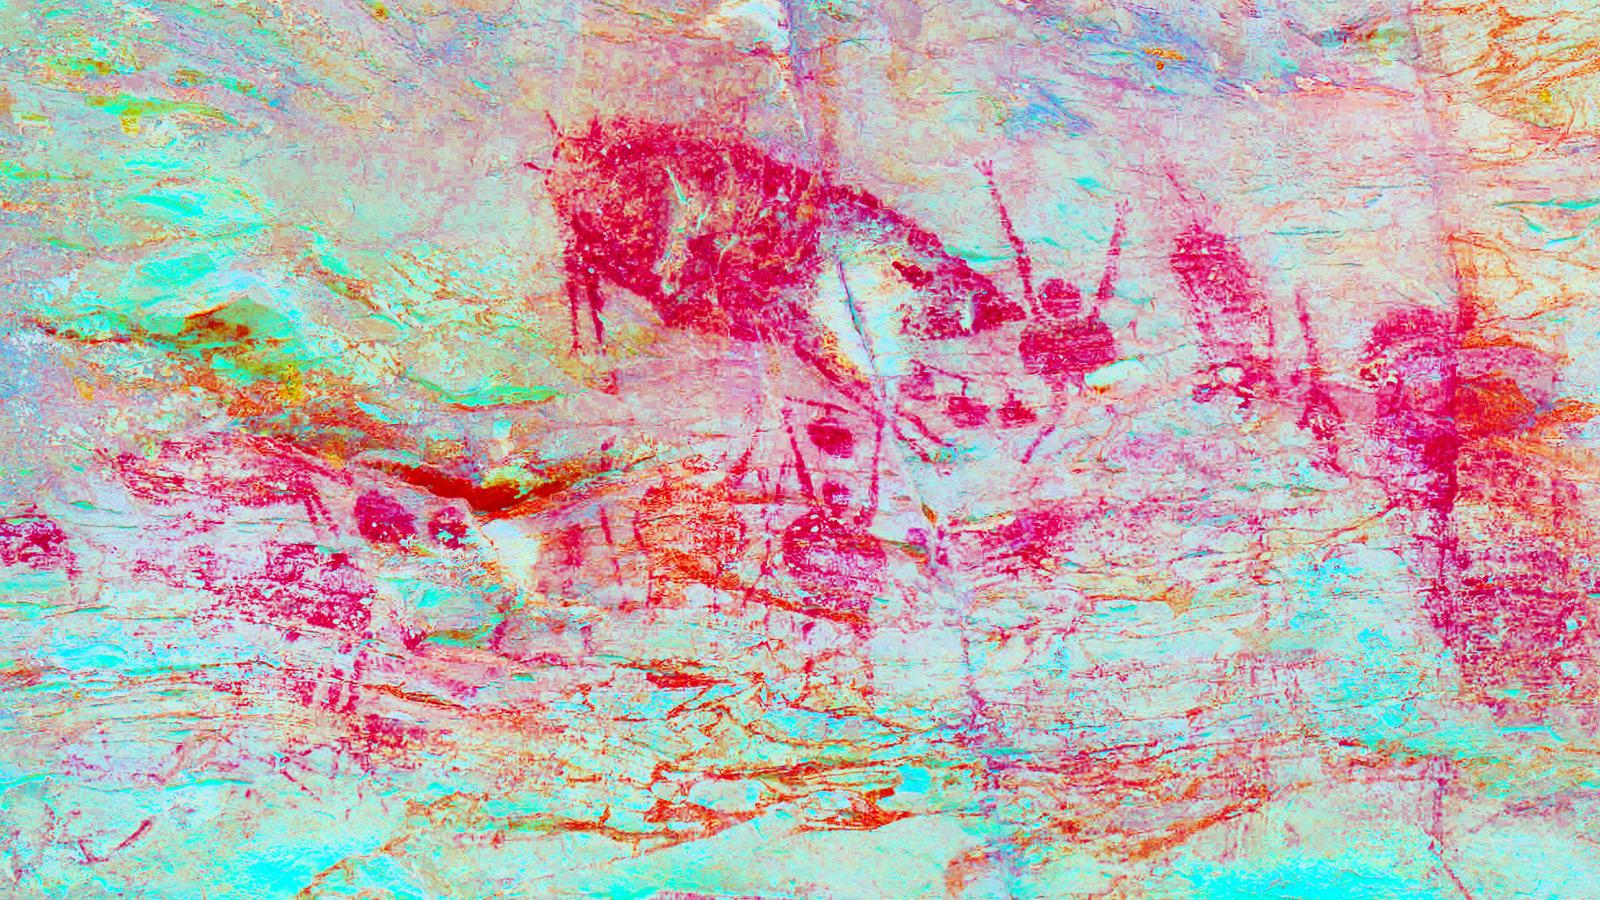 87 Gambar Abstrak Jingga